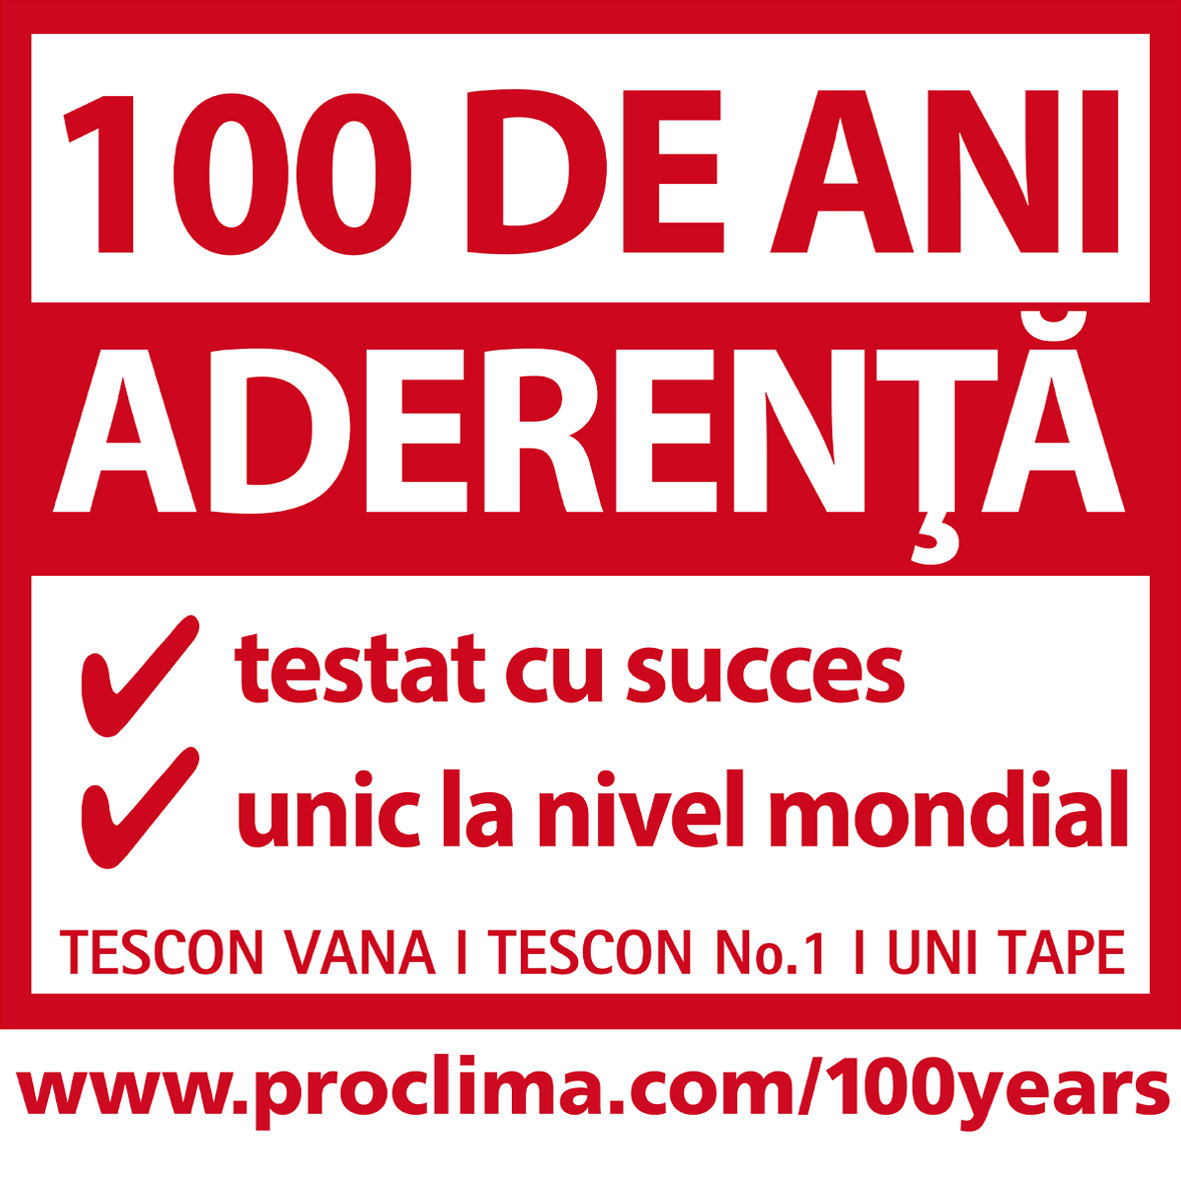 100 de ani aderenta